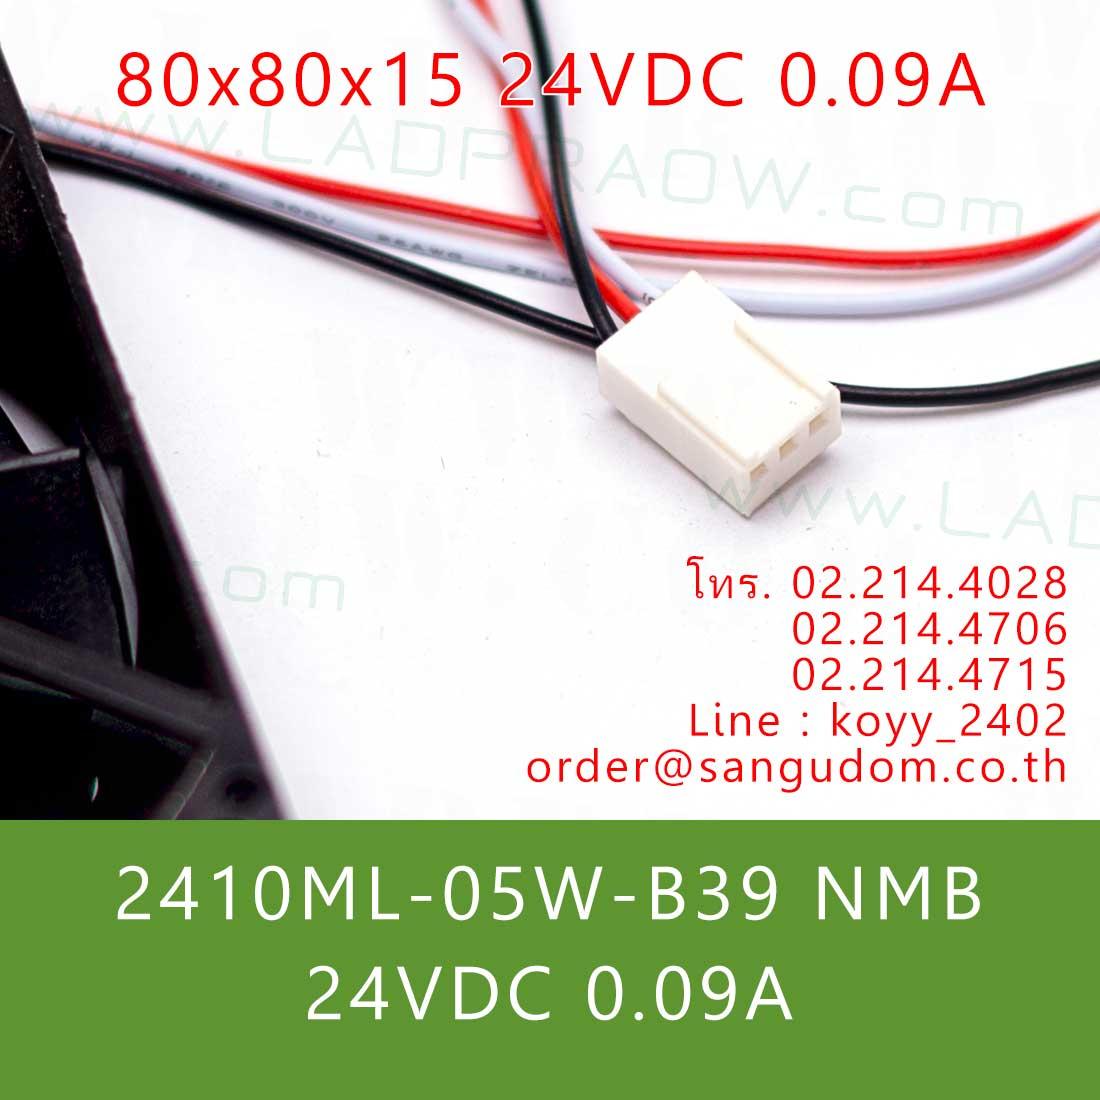 พัดลมระบายความร้อน 80x80x15mm 24VDC 0.09A NMB 2410ML-05W-B39 Cooling fan 1